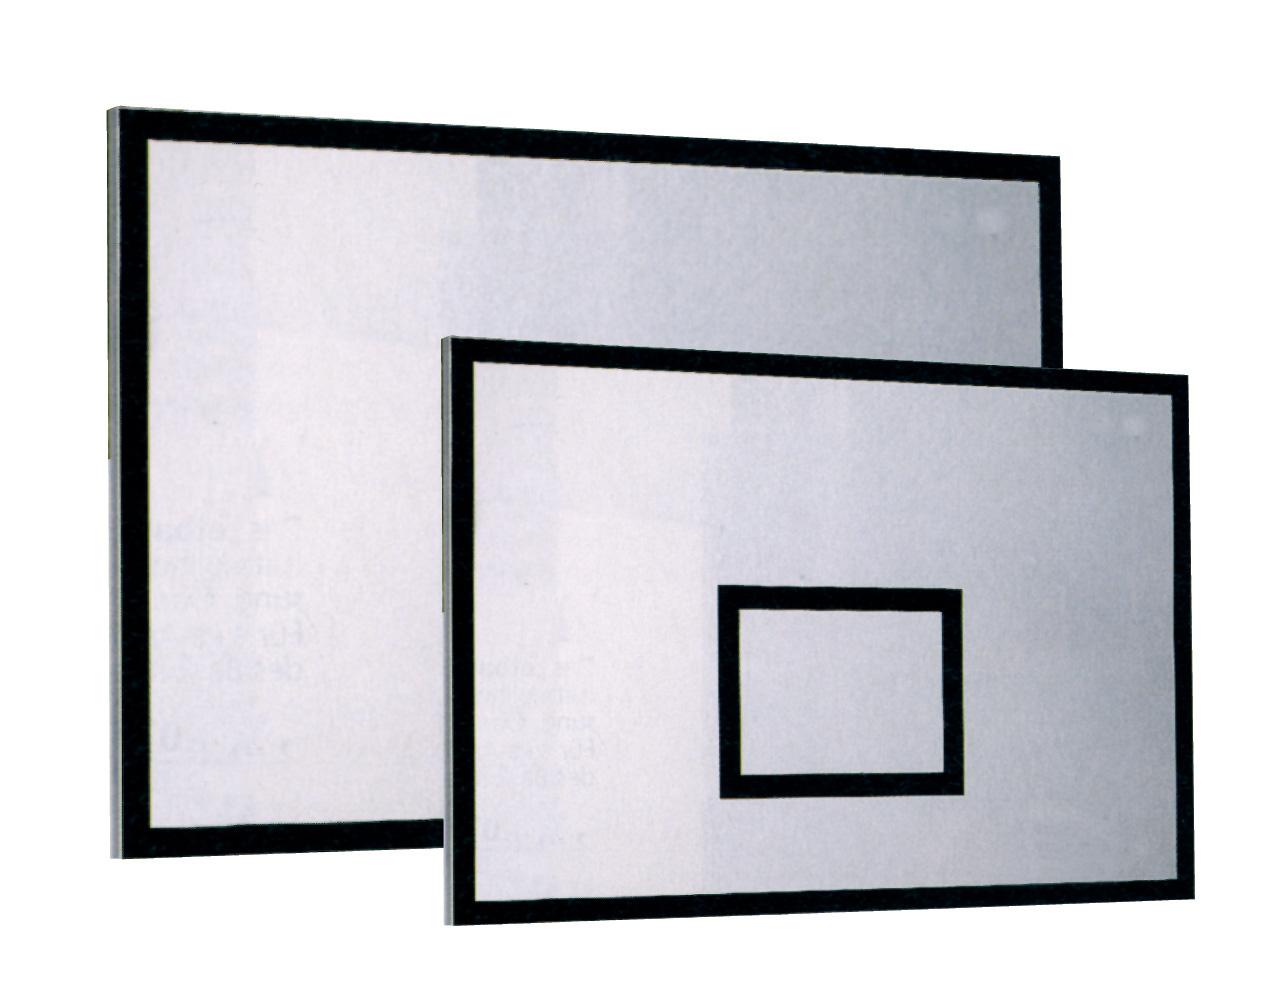 bc0900-52(2).jpg